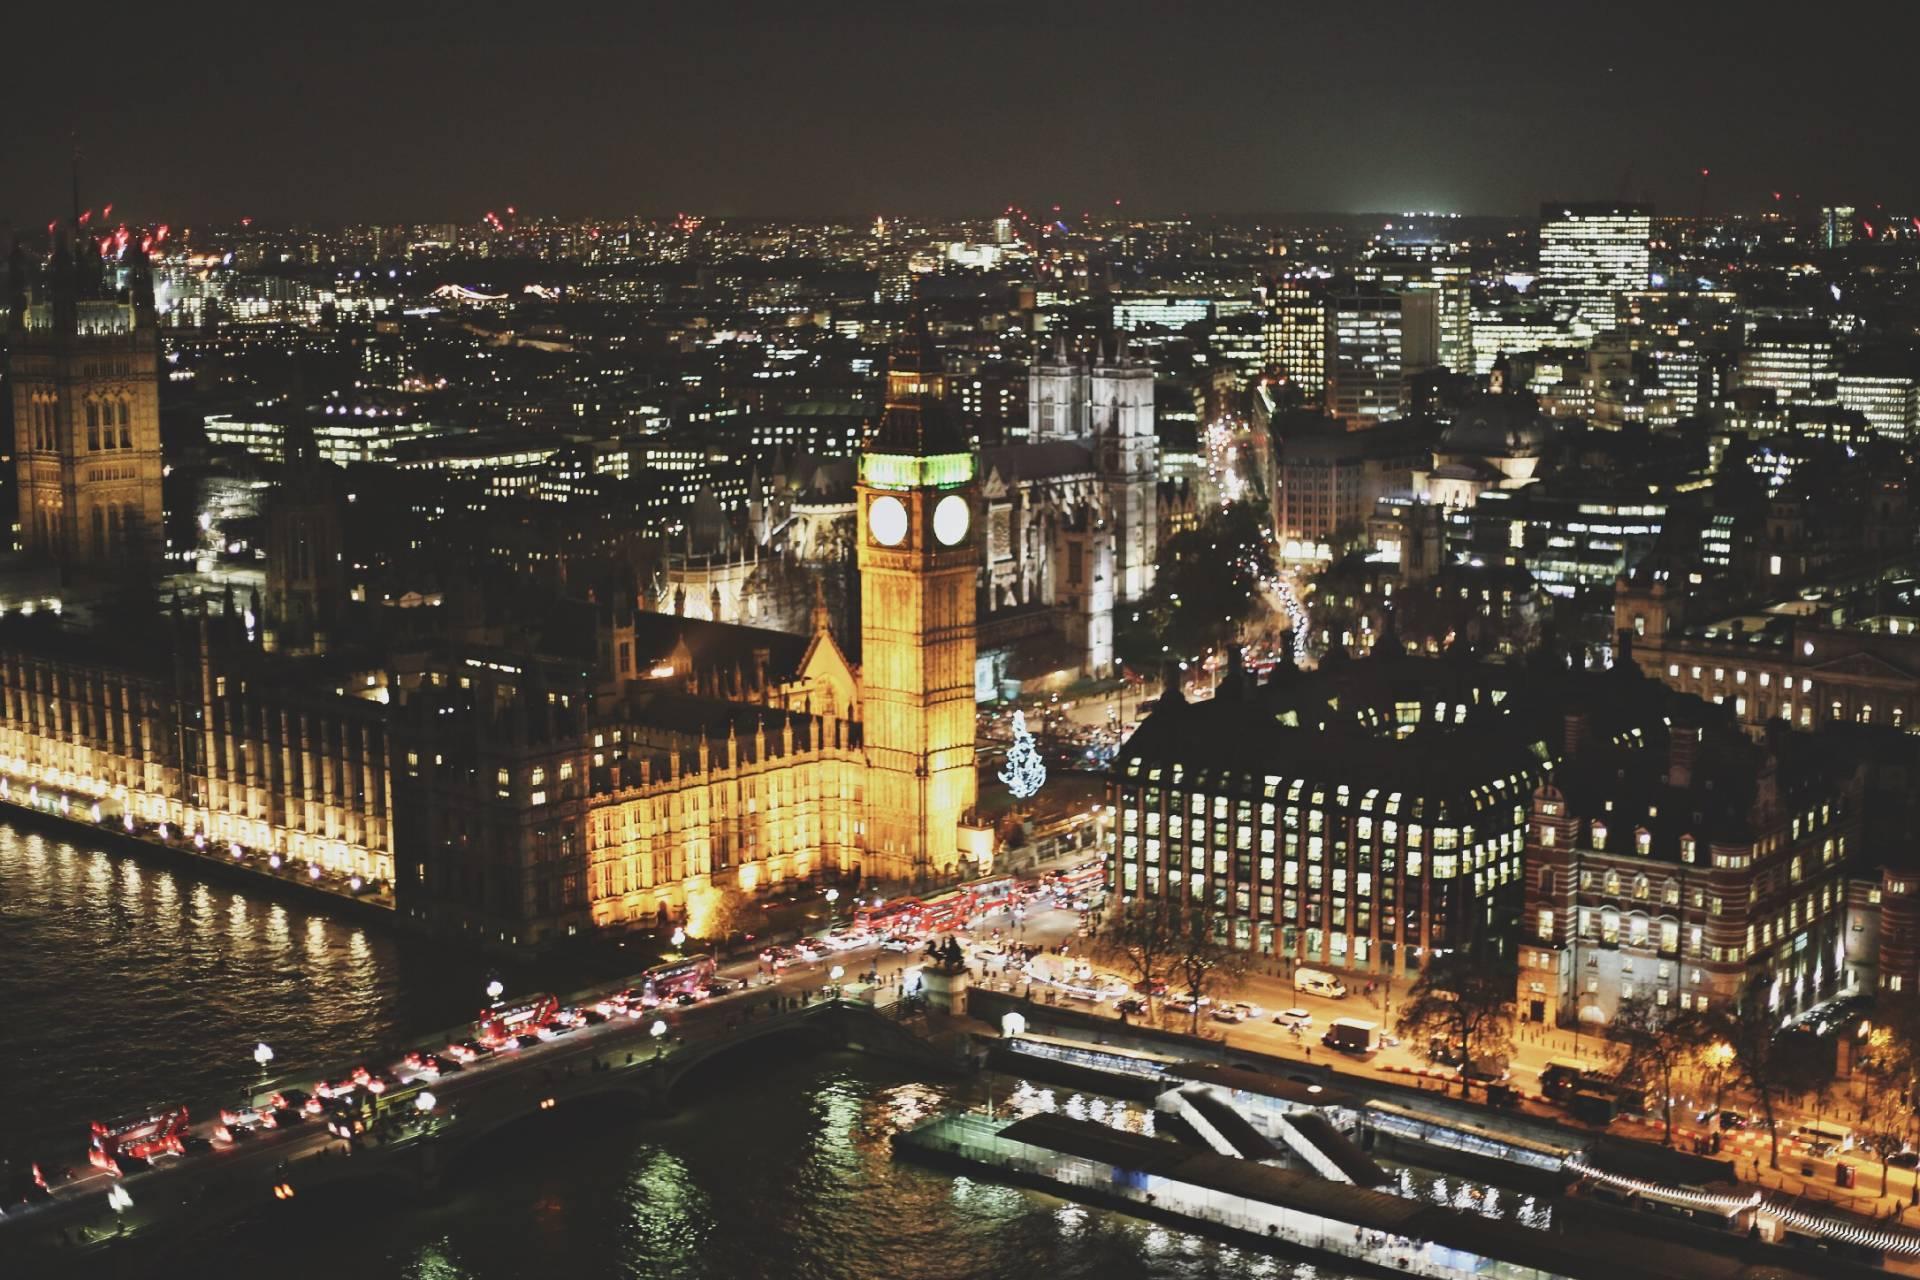 South Bank London